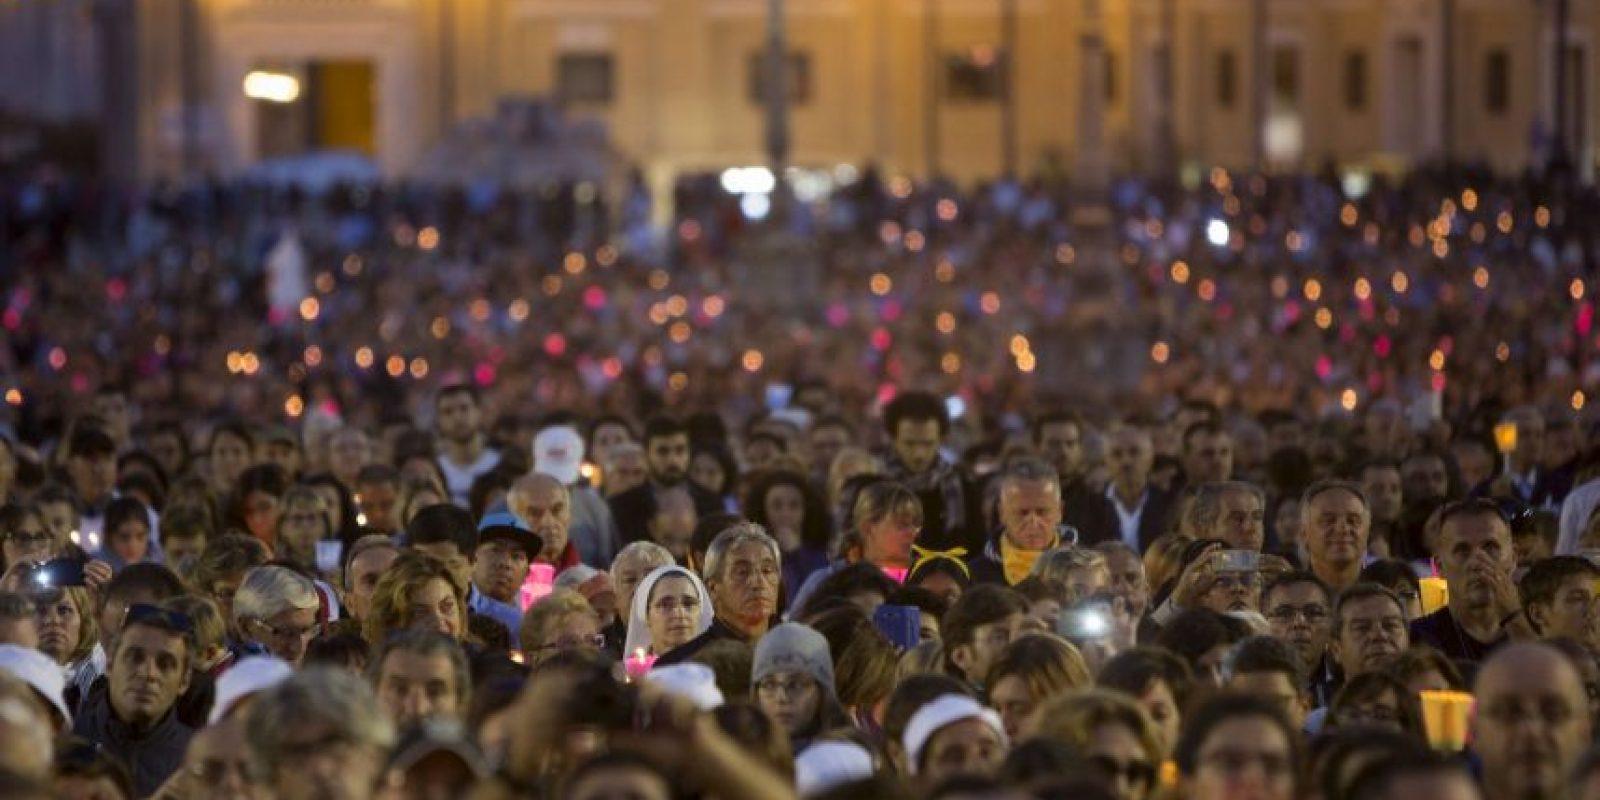 """Este será uno de los temás que más polémicas causará. Se espera que también se hable de cuestiones como el divorcio entre católicos, el cual fue """"facilitado"""" hace unos meses por el Papa Francisco, así como el matrimonio para ellos. Foto:AP"""